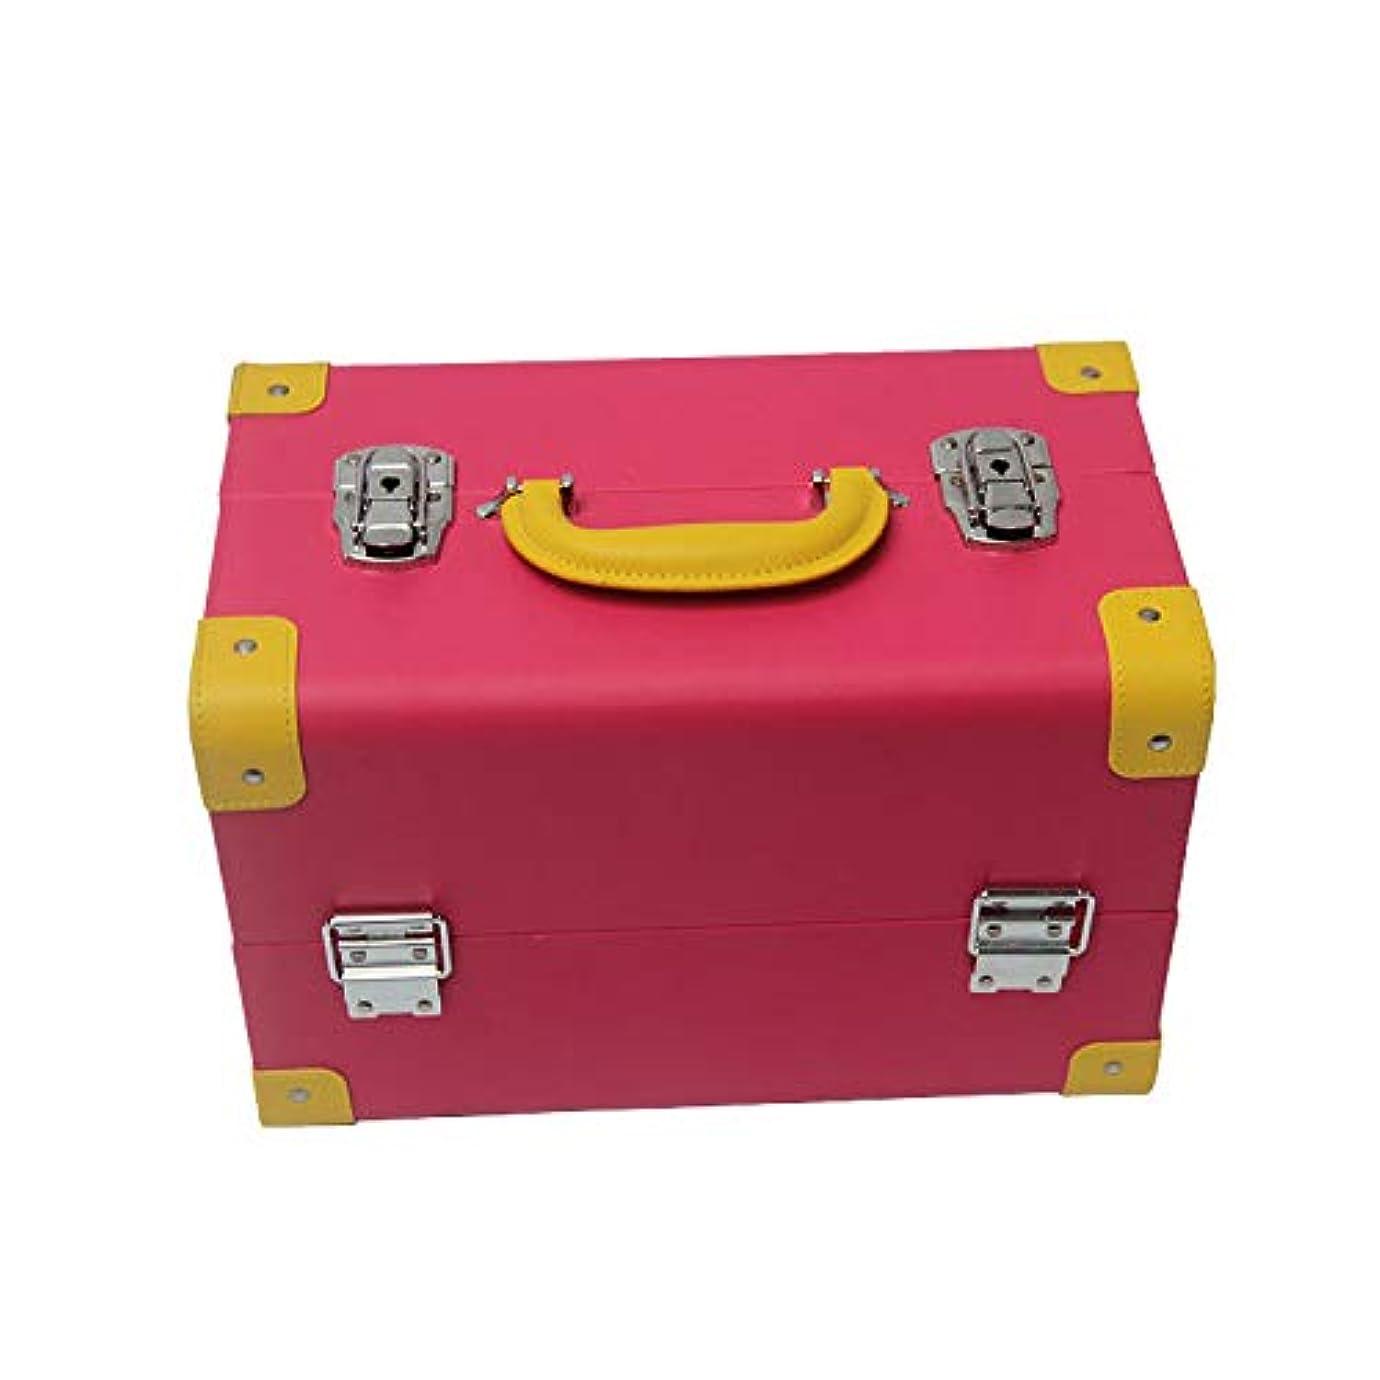 リーチ月面ソブリケットプロの防水化粧品ケース、ポータブル大容量収納ボックス、ダブルロックダブルオープン化粧品袋、家庭旅行に適しています